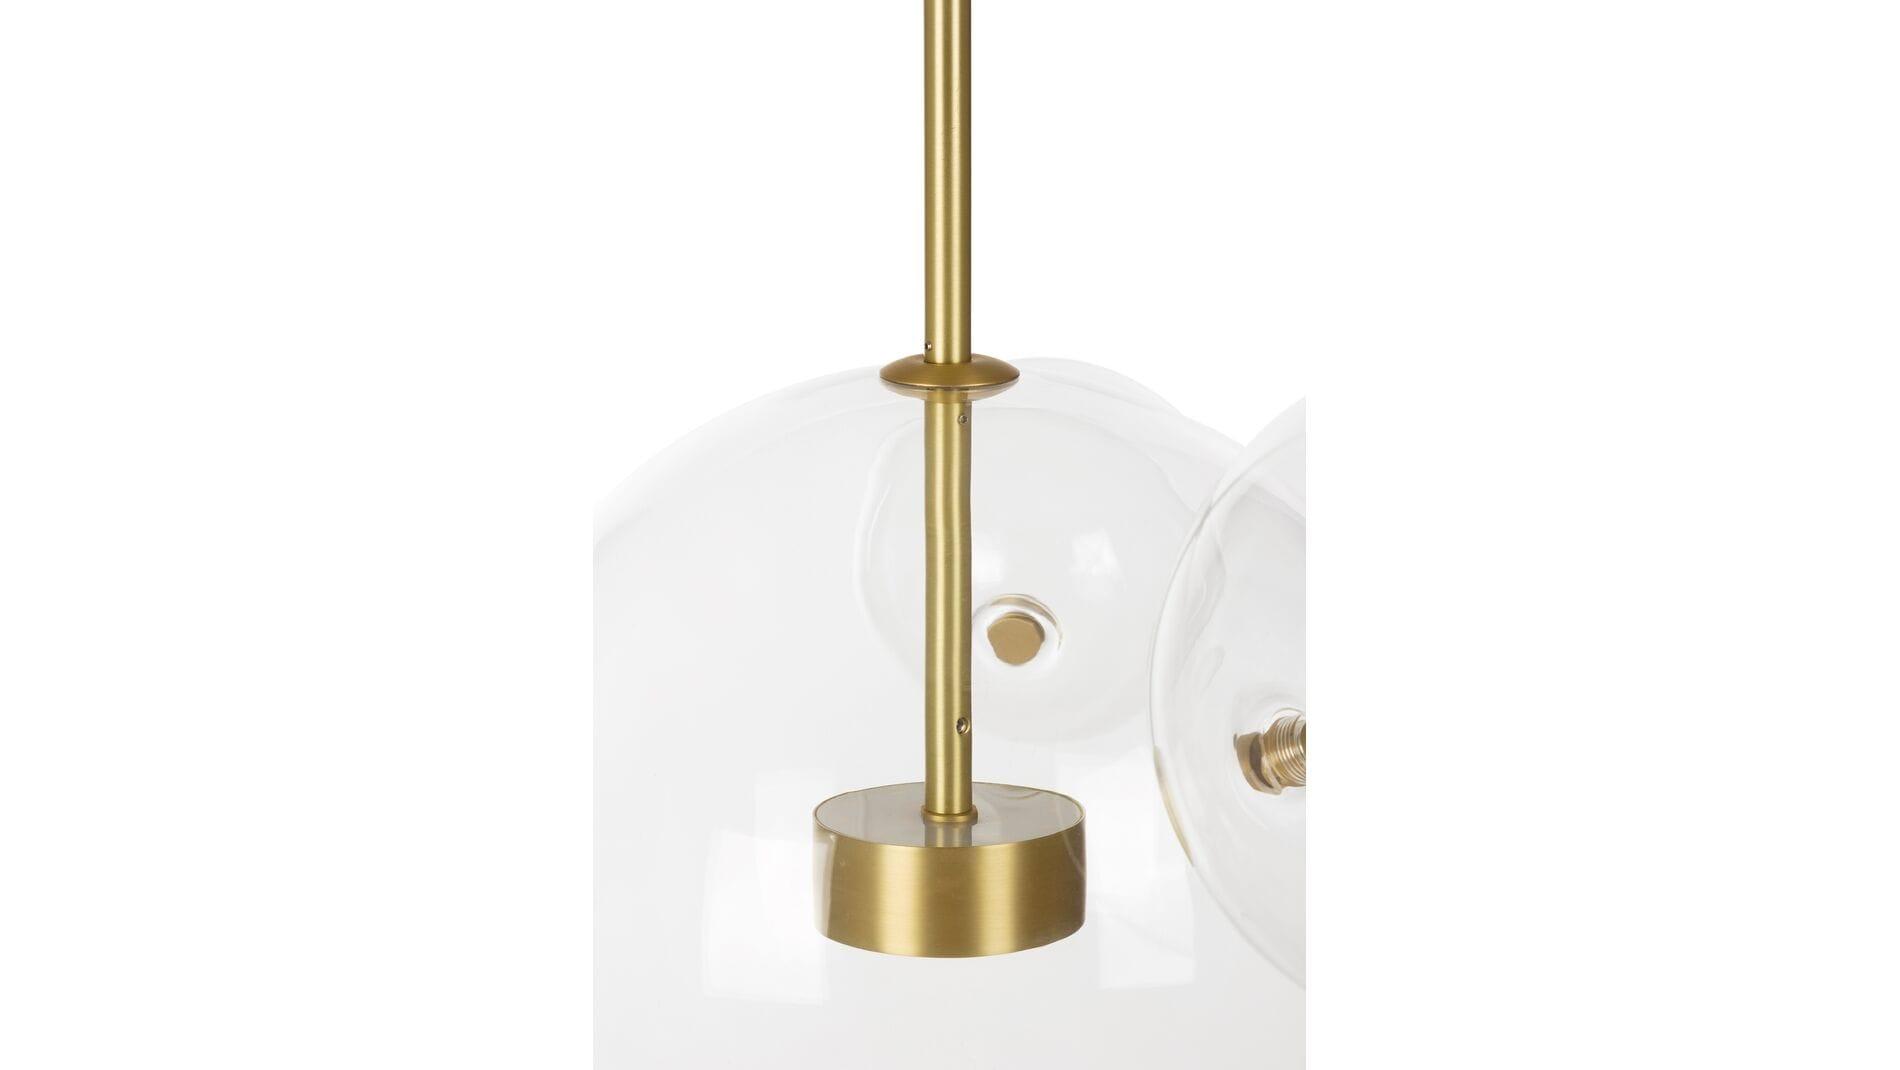 Подвесной светильник Tera диаметр 46